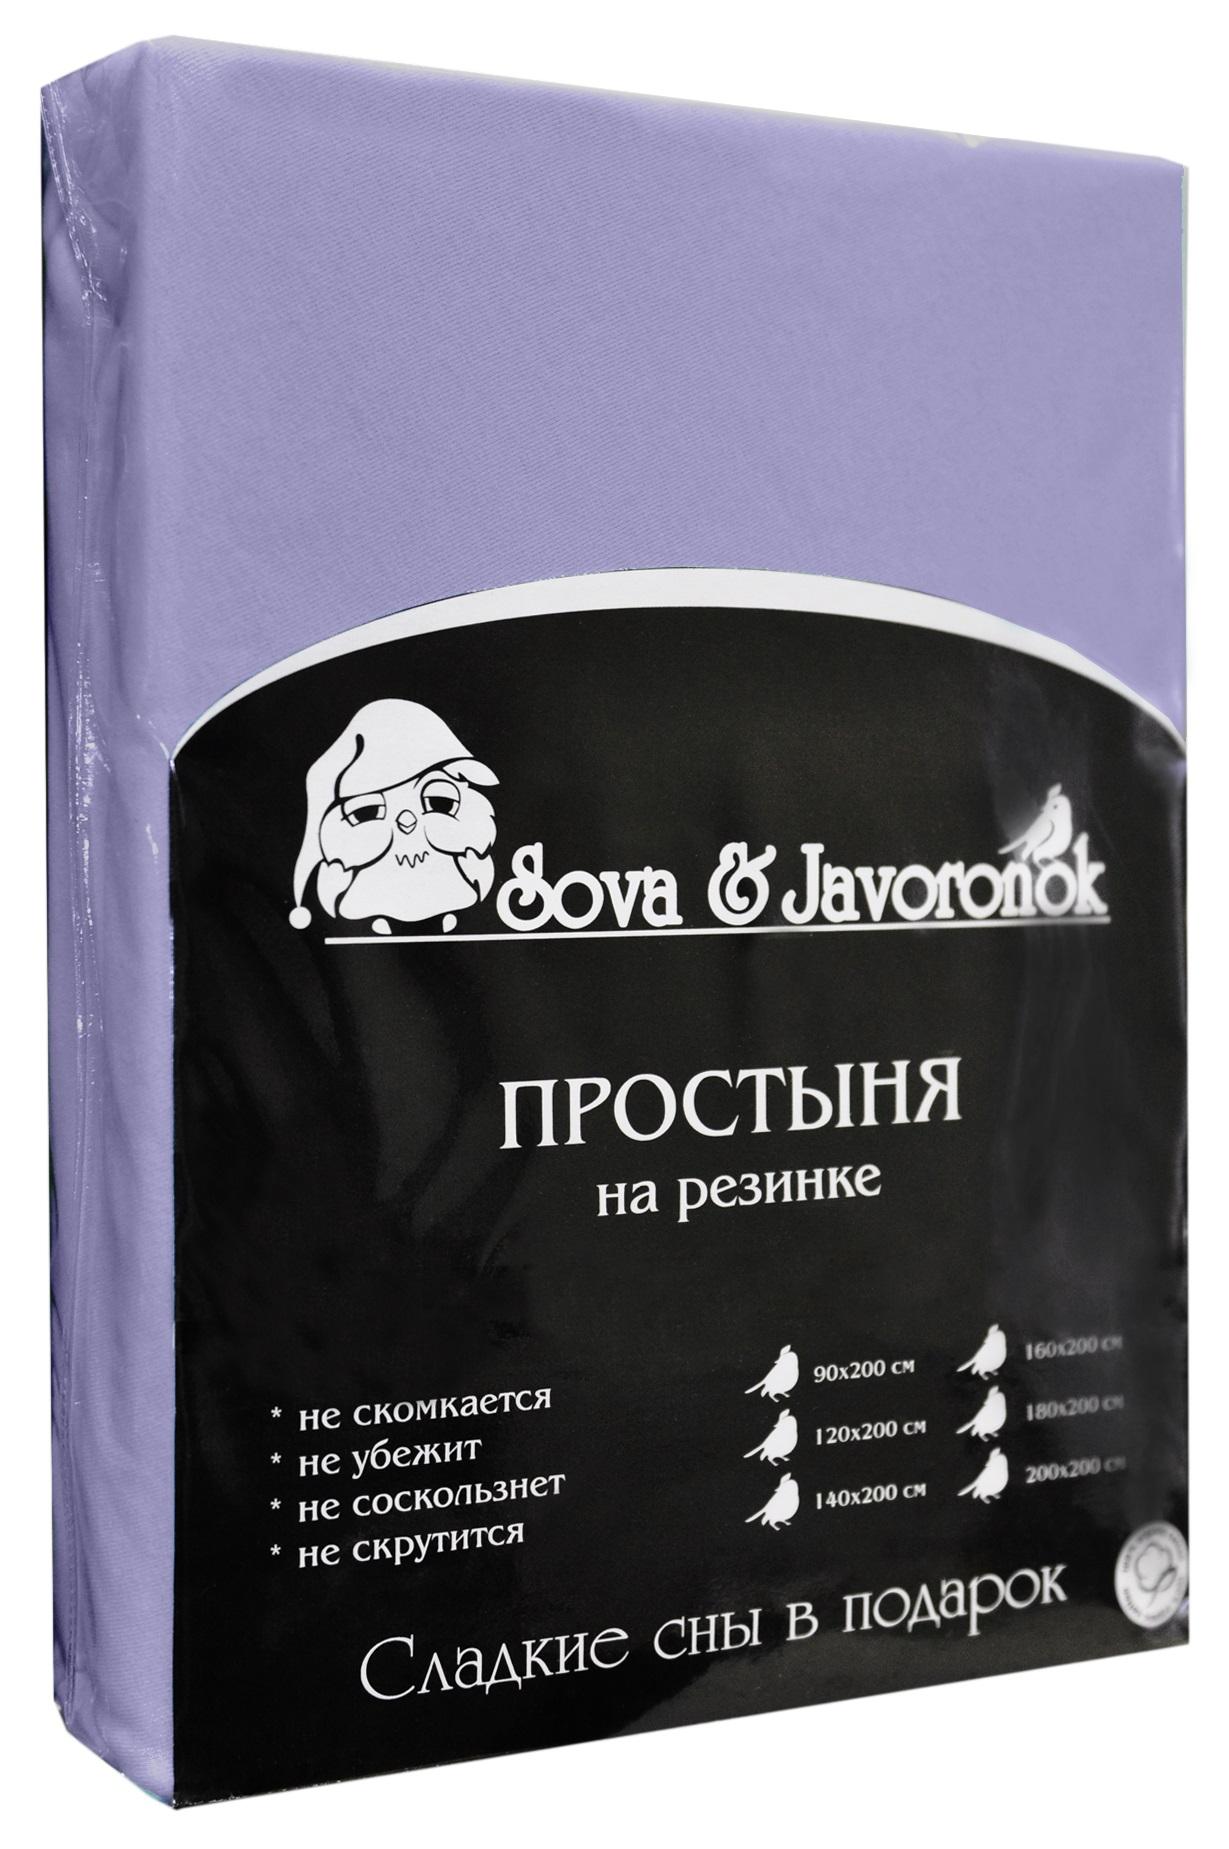 Простыня на резинке Sova & Javoronok, цвет: сиреневый, 180 см х 200 см0803113700Простыня на резинке Sova & Javoronok, изготовленная из трикотажной ткани (100% хлопок), будет превосходно смотреться с любыми комплектами белья. Хлопчатобумажный трикотаж по праву считается одним из самых качественных, прочных и при этом приятных на ощупь. Его гигиеничность позволяет использовать простыню и в детских комнатах, к тому же 100%-ый хлопок в составе ткани не вызовет аллергии. У трикотажного полотна очень интересная структура, немного рыхлая за счет отсутствия плотного переплетения нитей и наличия особых петель, благодаря этому простыня Сова и Жаворонок отлично пропускает воздух и способствует его постоянной циркуляции. Поэтому ваша постель будет всегда оставаться свежей. Но главное и, пожалуй, самое известное свойство трикотажа - это его великолепная растяжимость, поэтому эта ткань и была выбрана для натяжной простыни на резинке. Простыня прошита резинкой по всему периметру, что обеспечивает более комфортный отдых, так как она прочно удерживается на матрасе и...